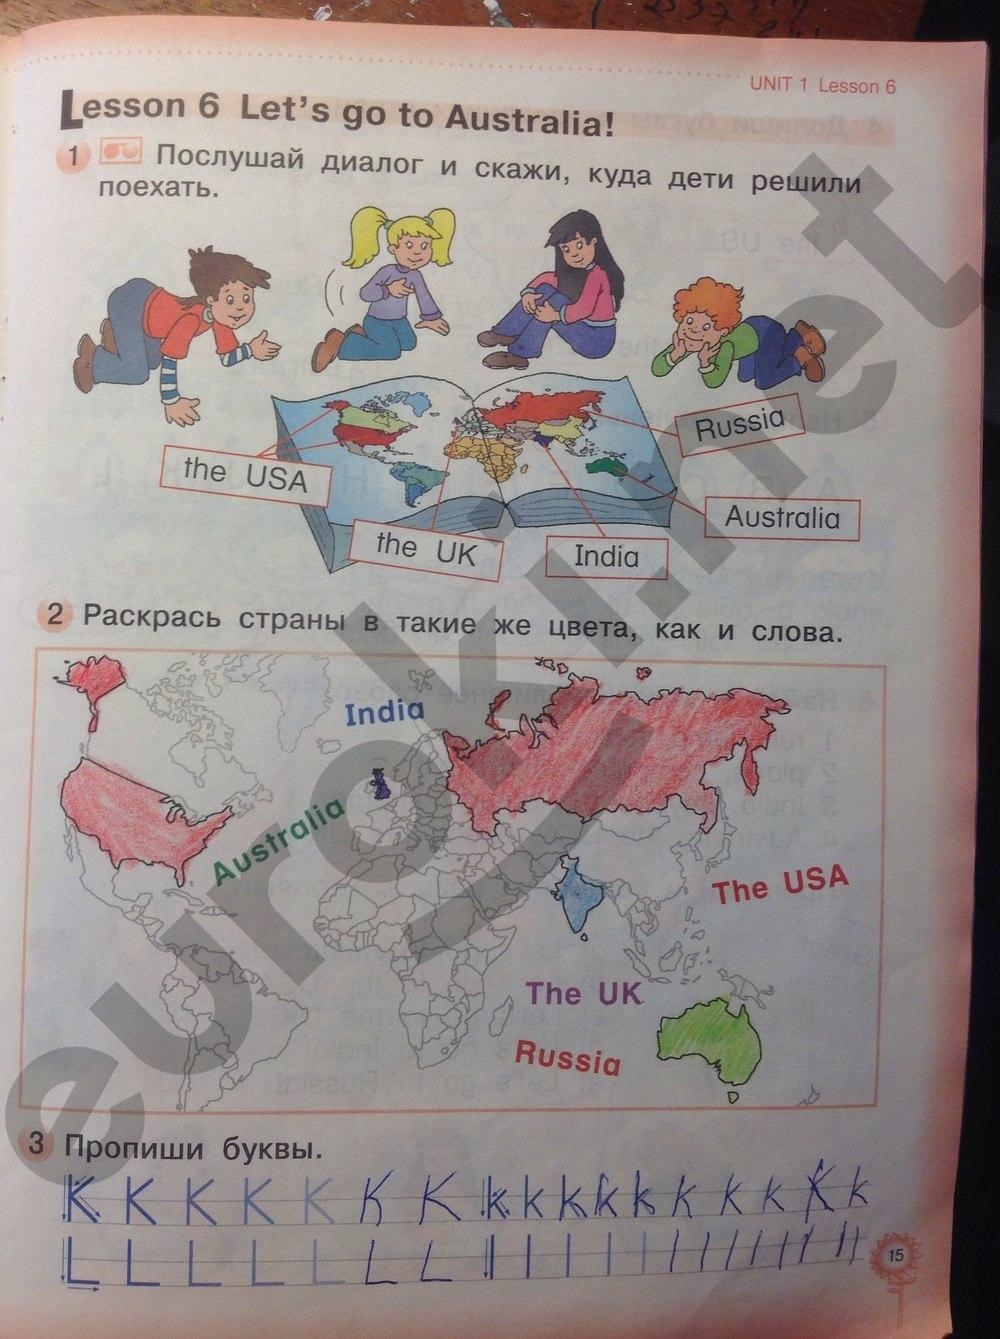 ГДЗ по английскому языку 1 класс рабочая тетрадь Колтавская А.А. Костюк Е.В. Часть 1. Задание: стр. 15